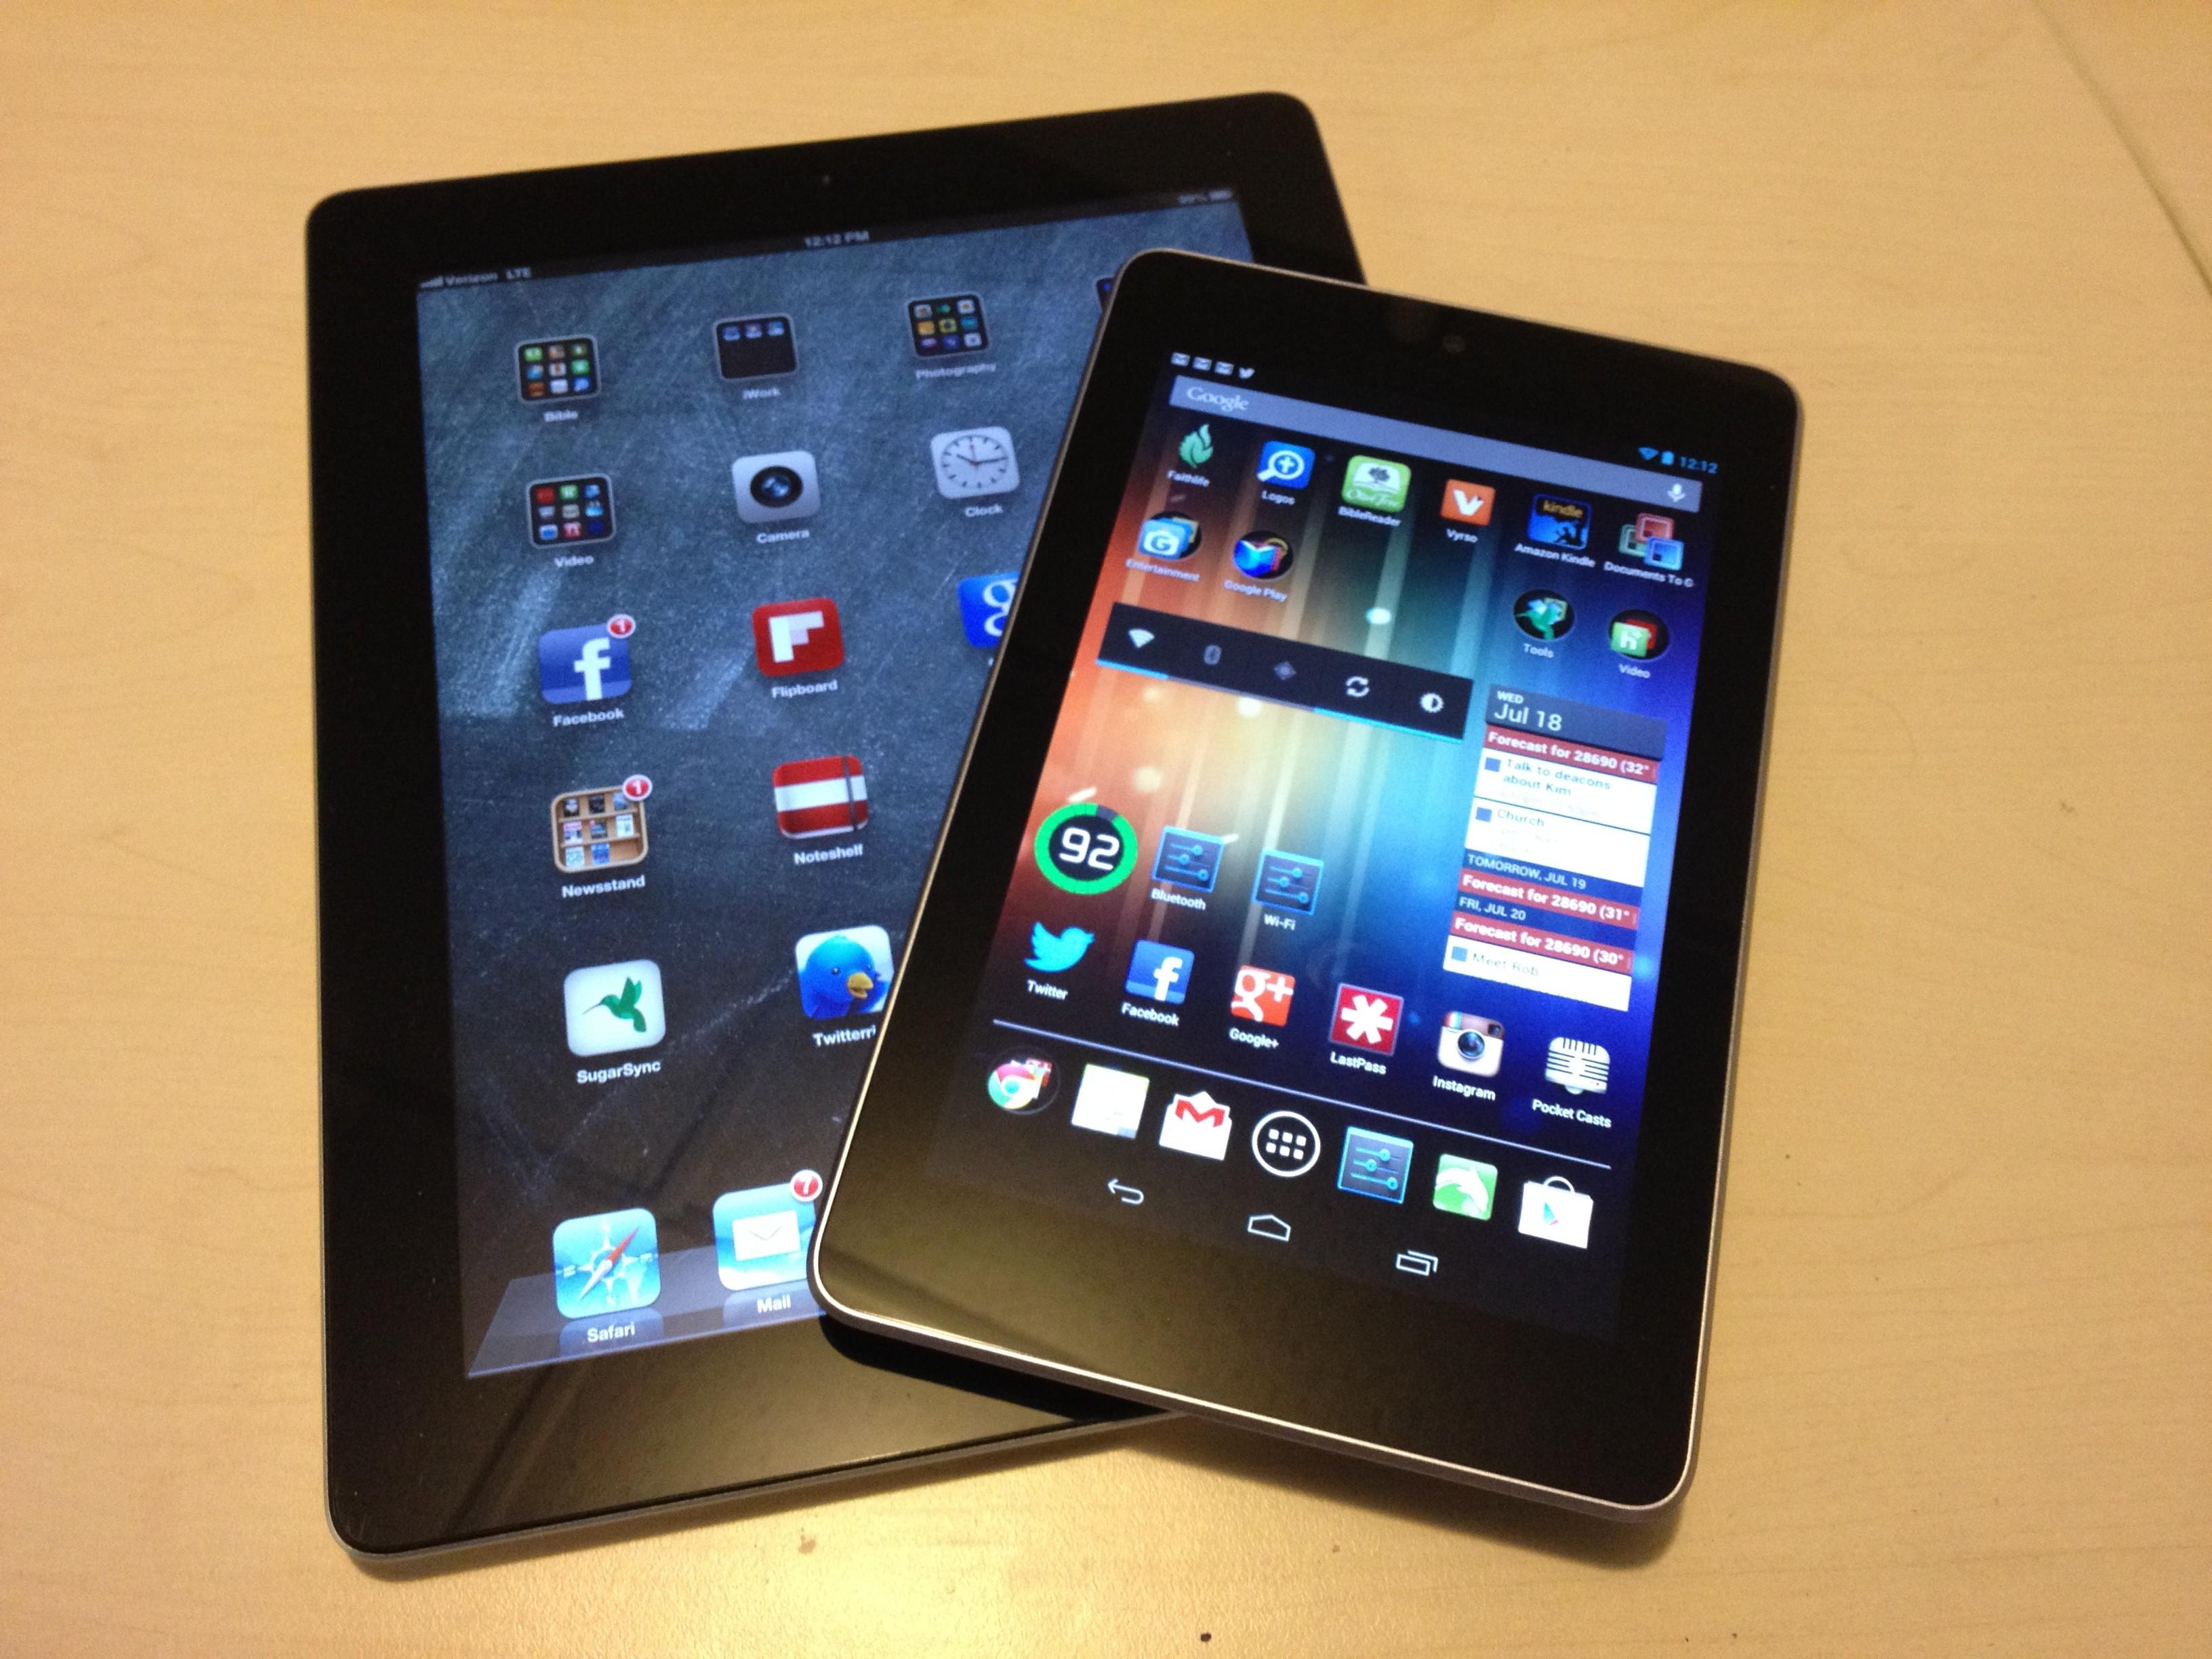 Apple iPad versus Google Nexus 7